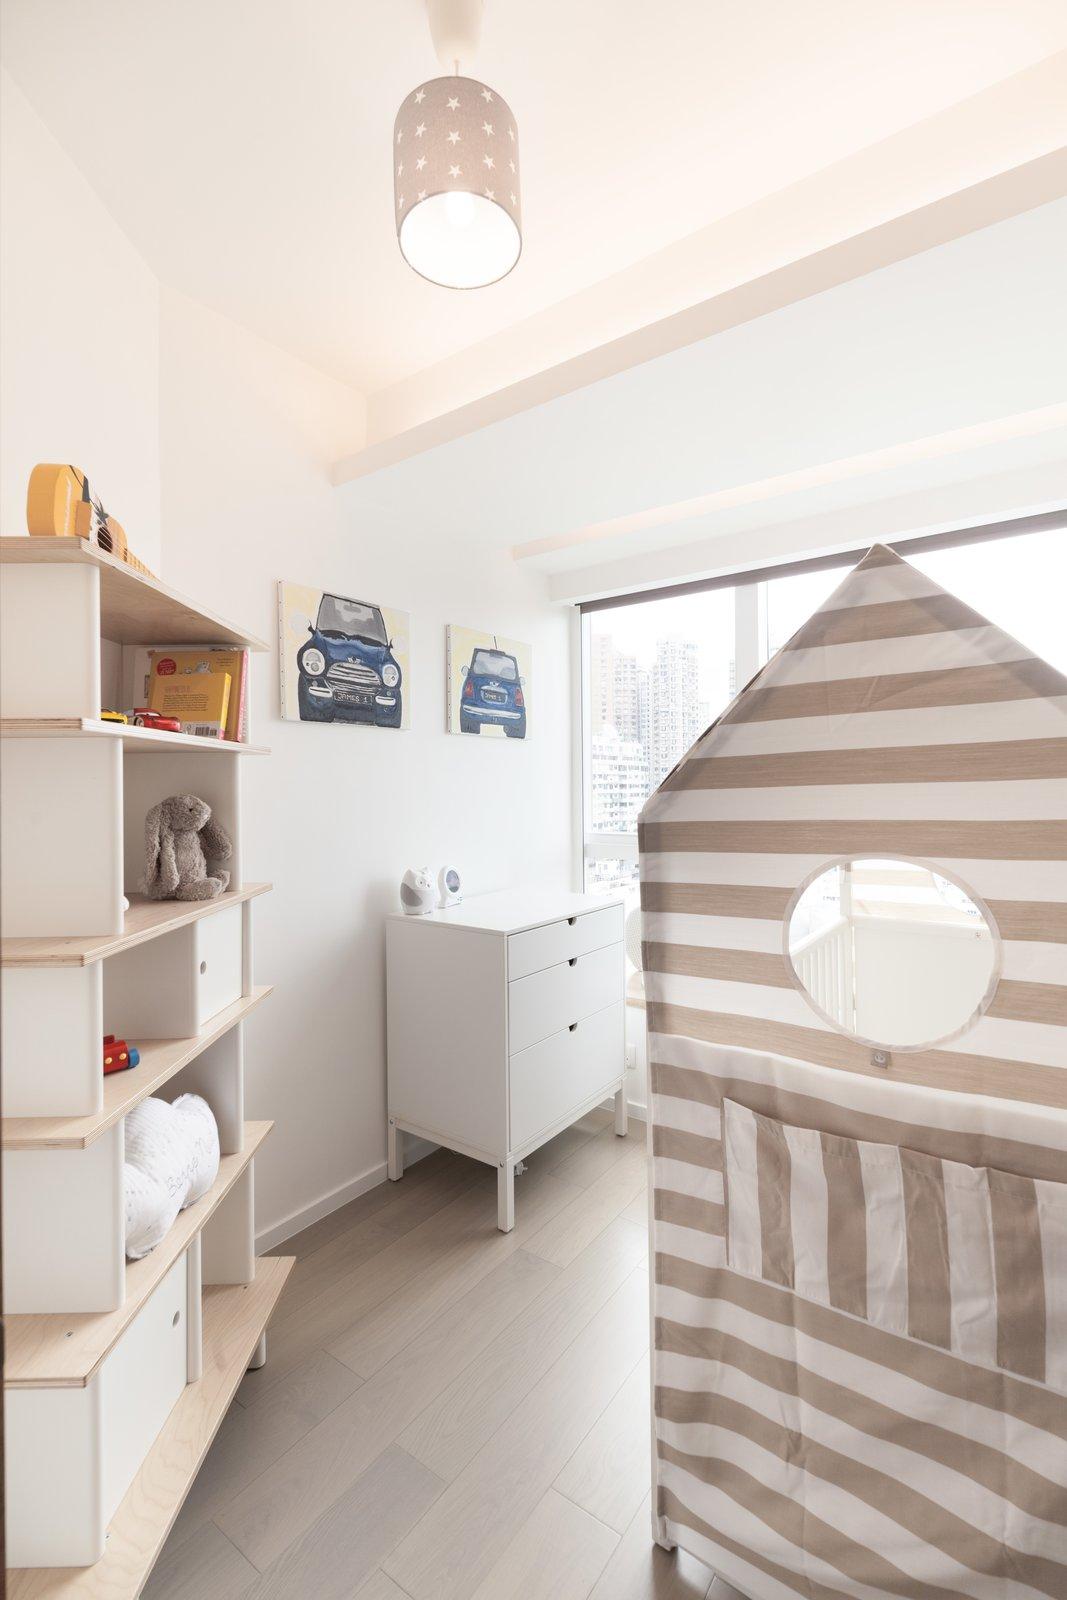 Kids Room, Bedroom Room Type, Storage, and Neutral Gender http://www.cliftonleungdesignworkshop.com/Cherry+Crest+B  Cherry Crest by Clifton Leung